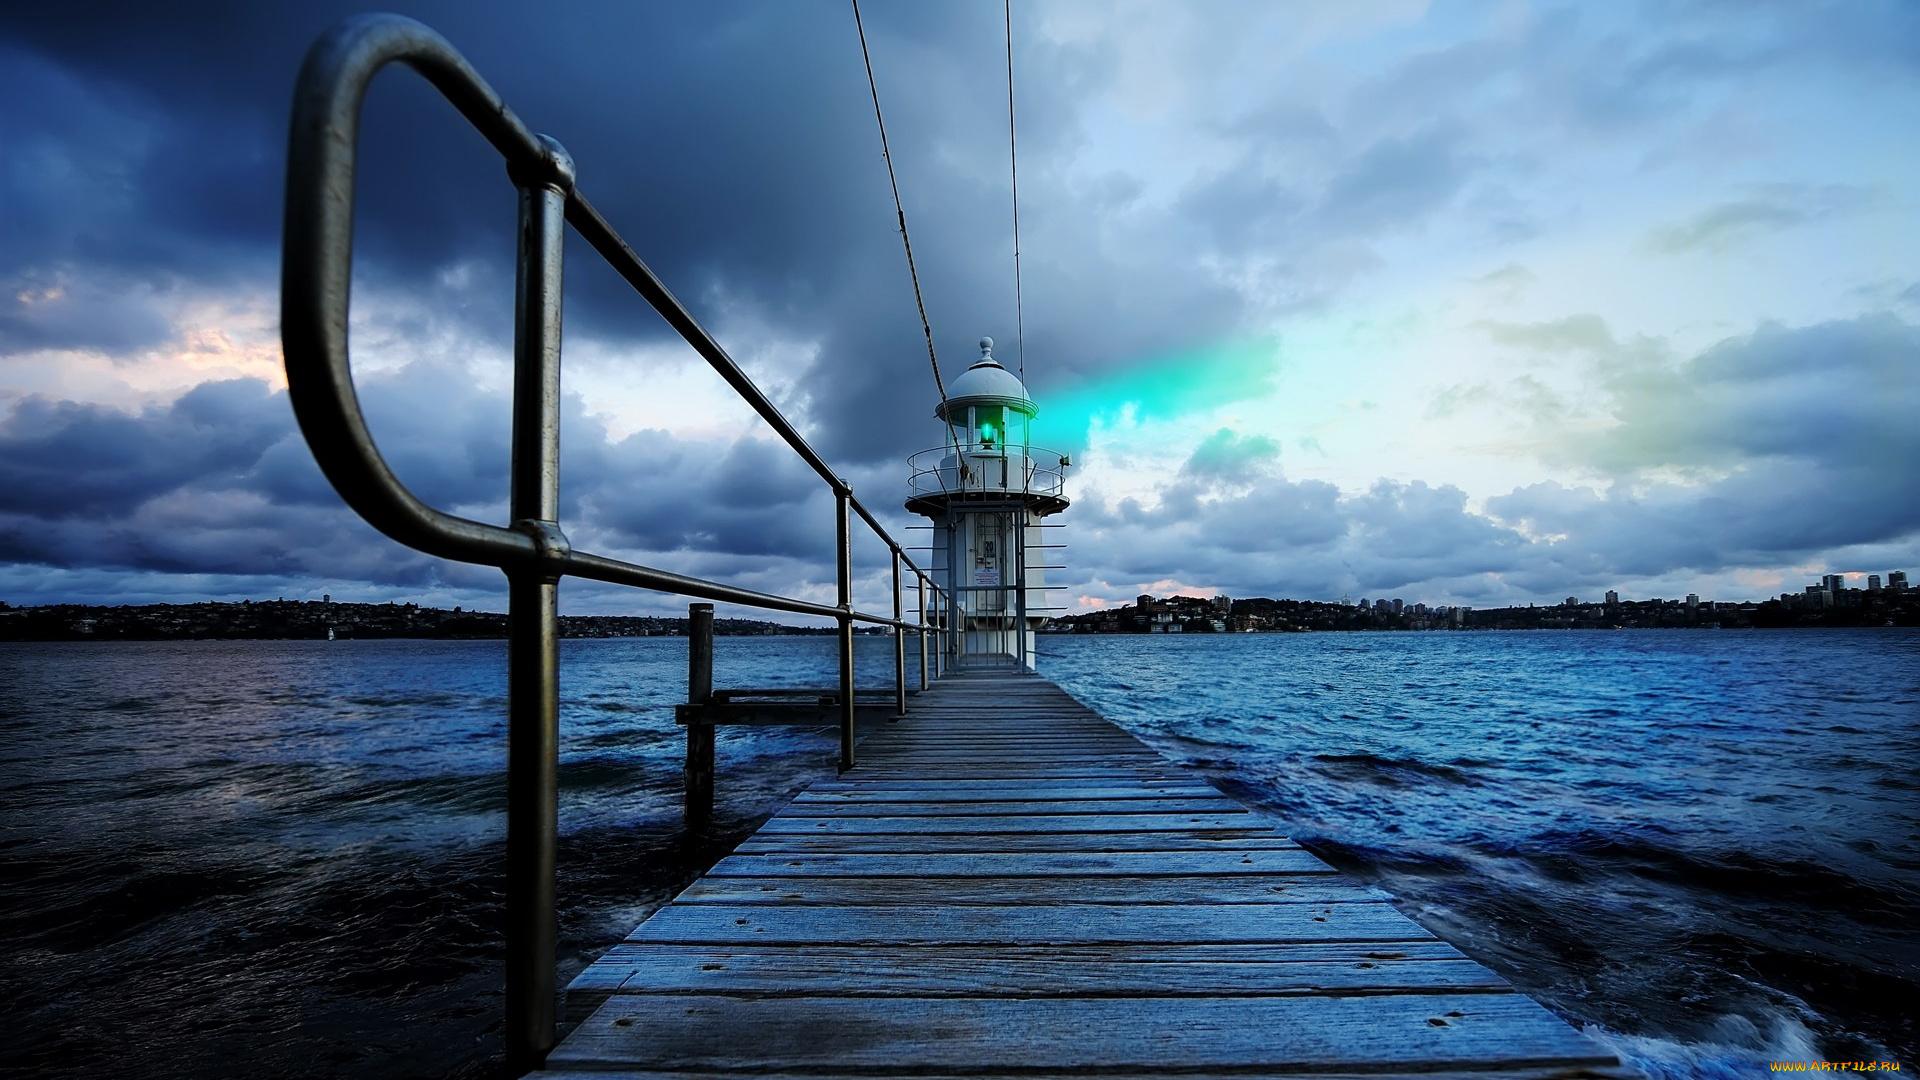 Природа вода отражение маяк бесплатно